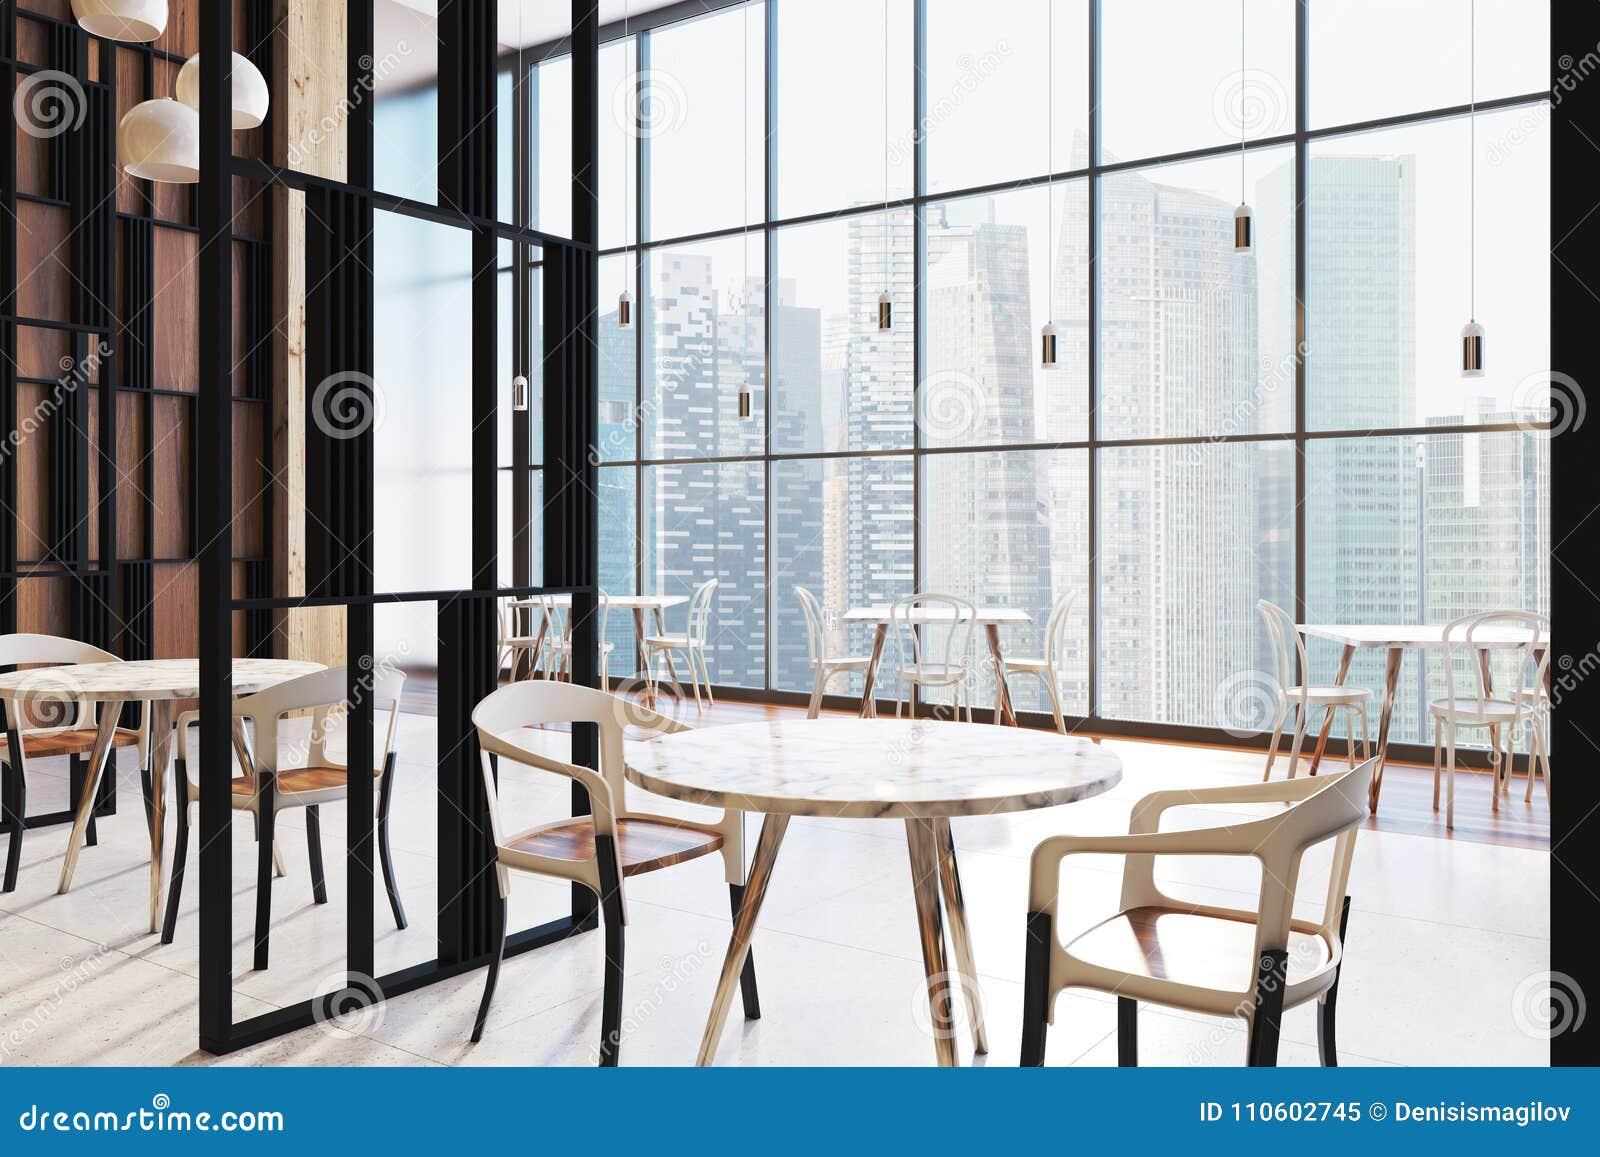 Loft restaurant interior round tables stock illustration